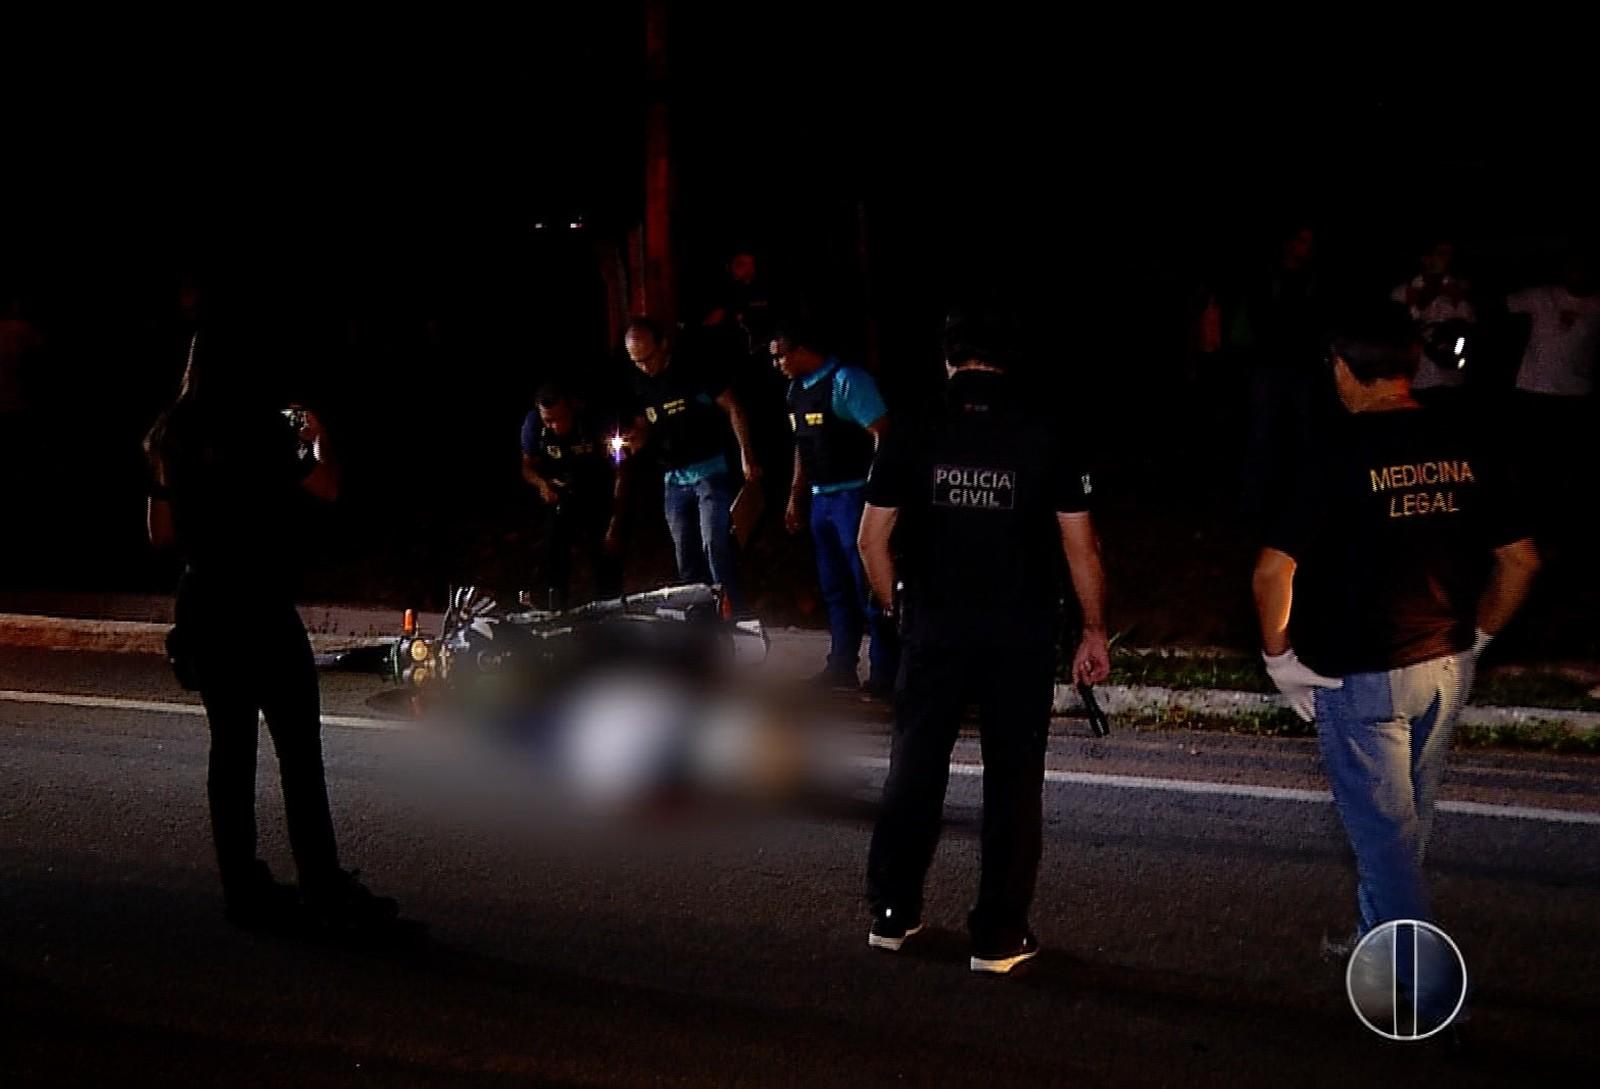 Homem reage a assalto e é morto na frente da filha em Natal